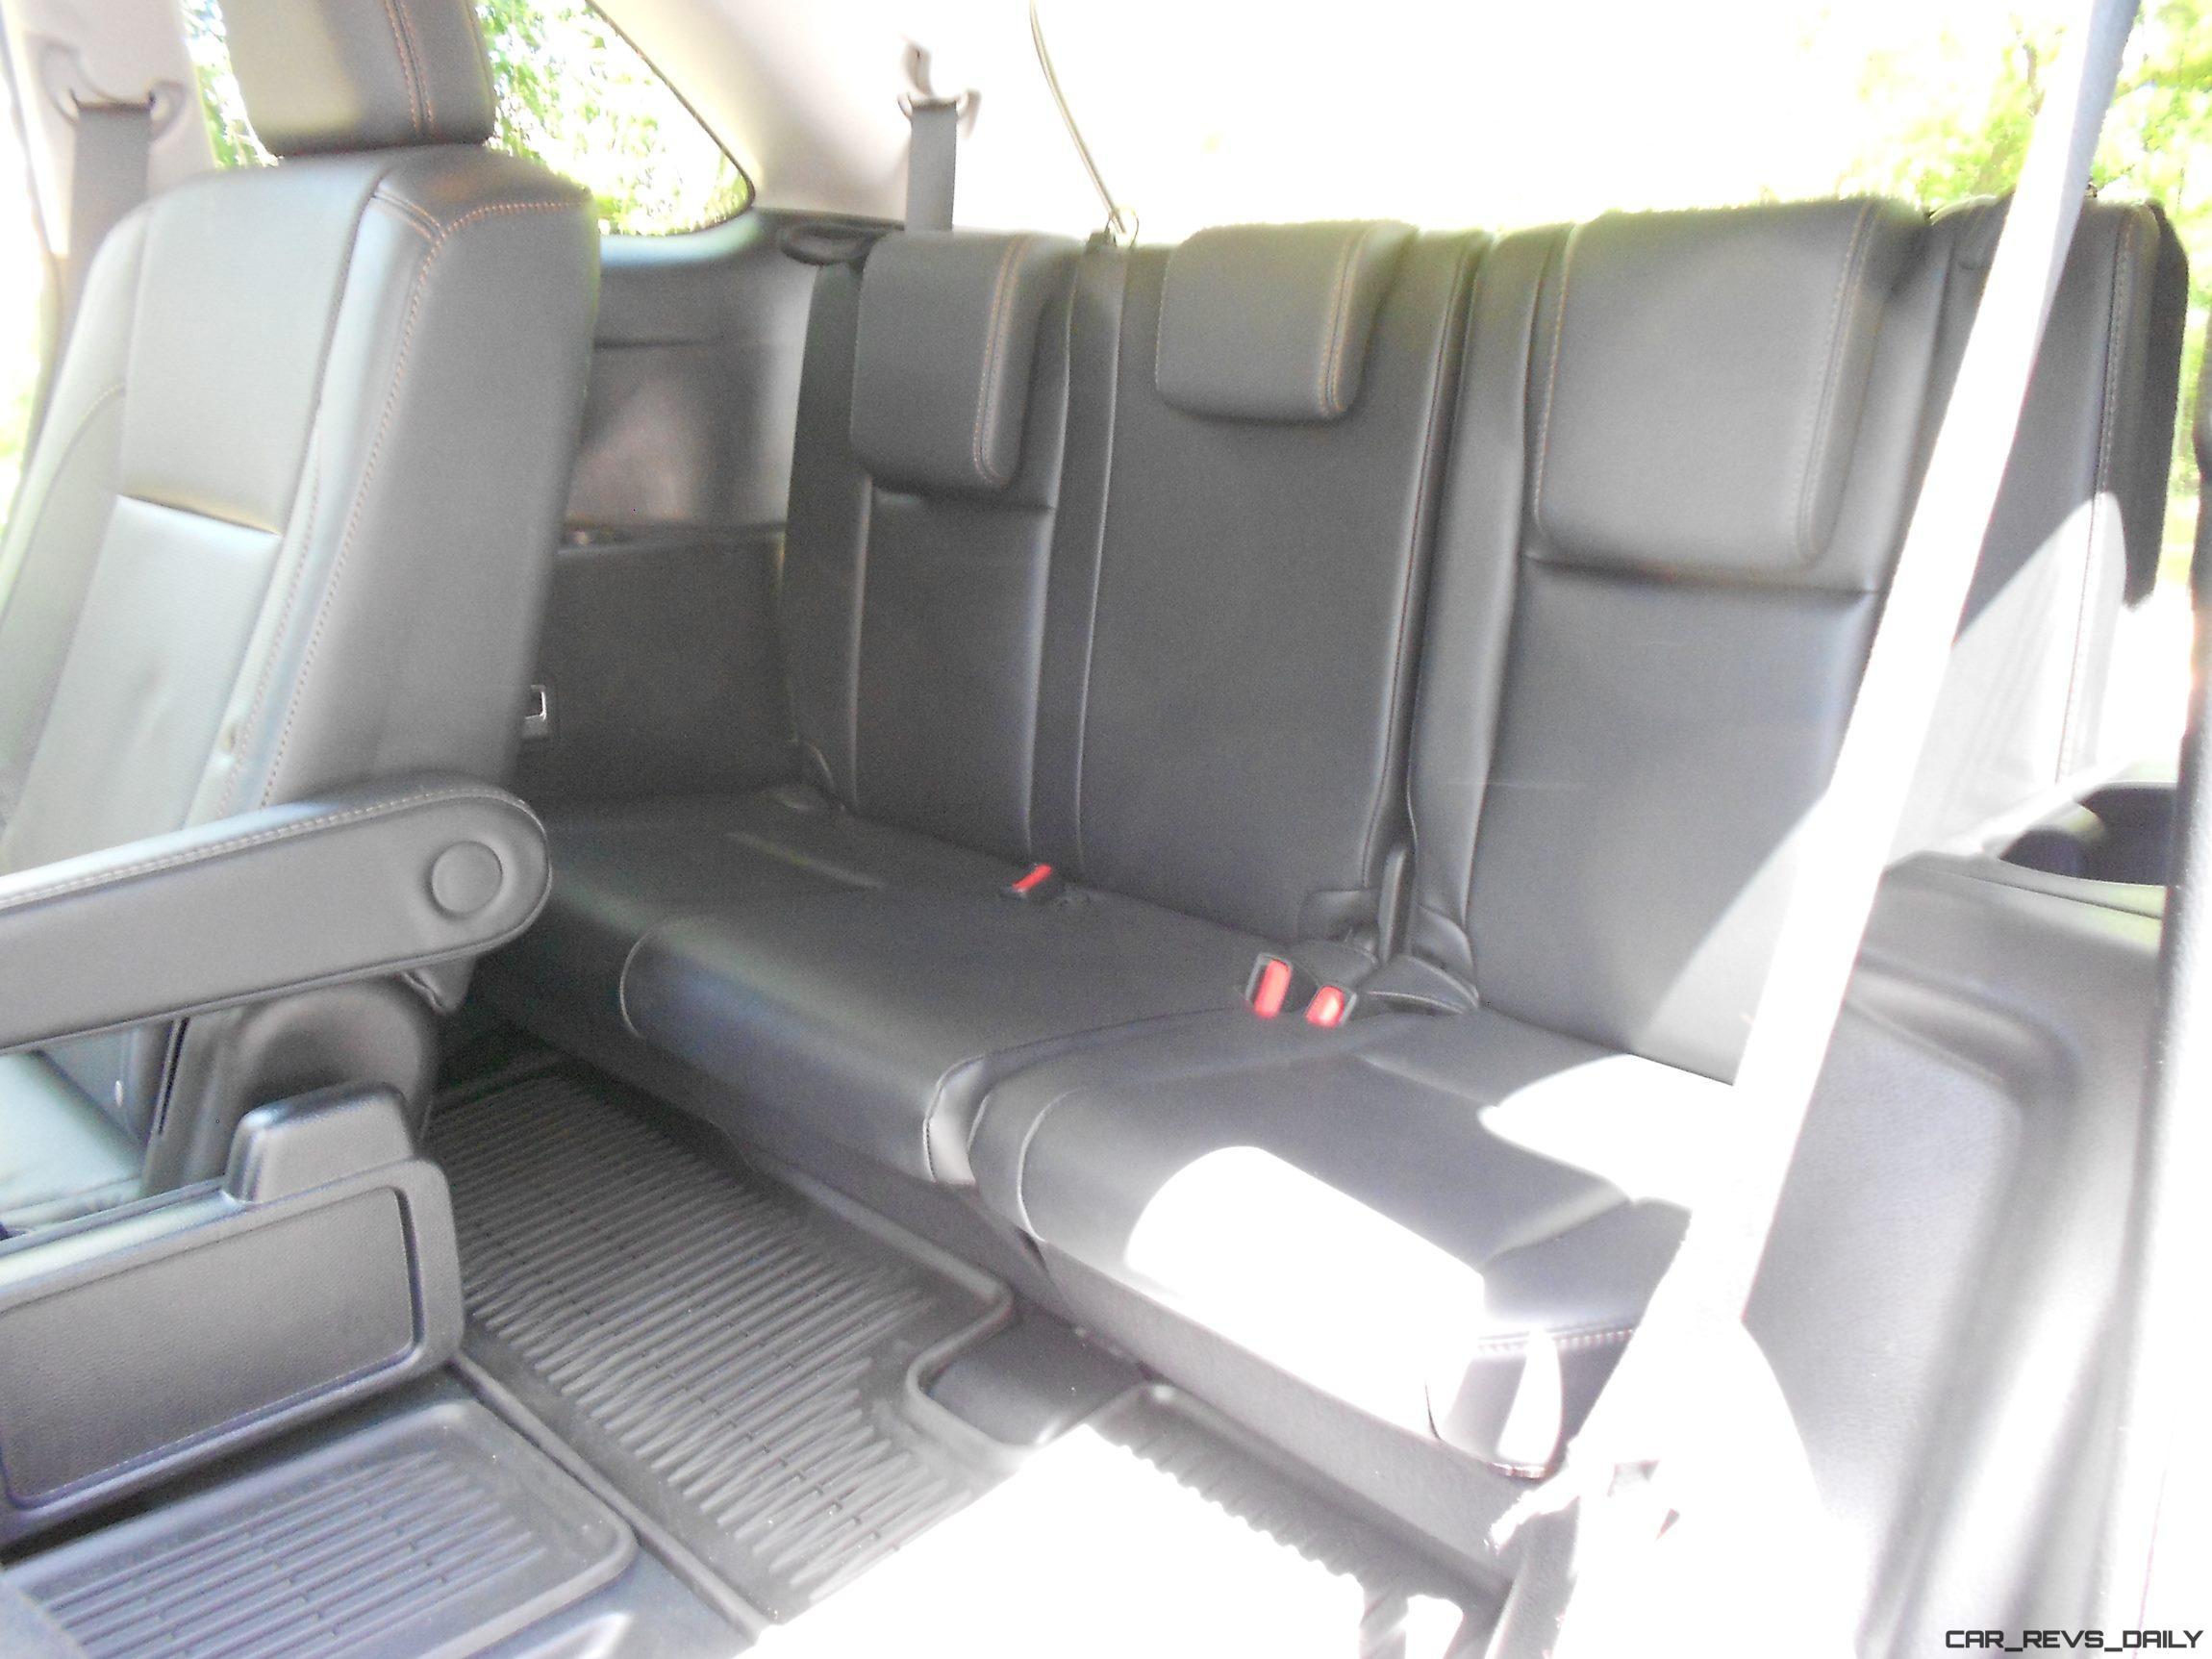 2016 Highlander Hybrid Interior 3